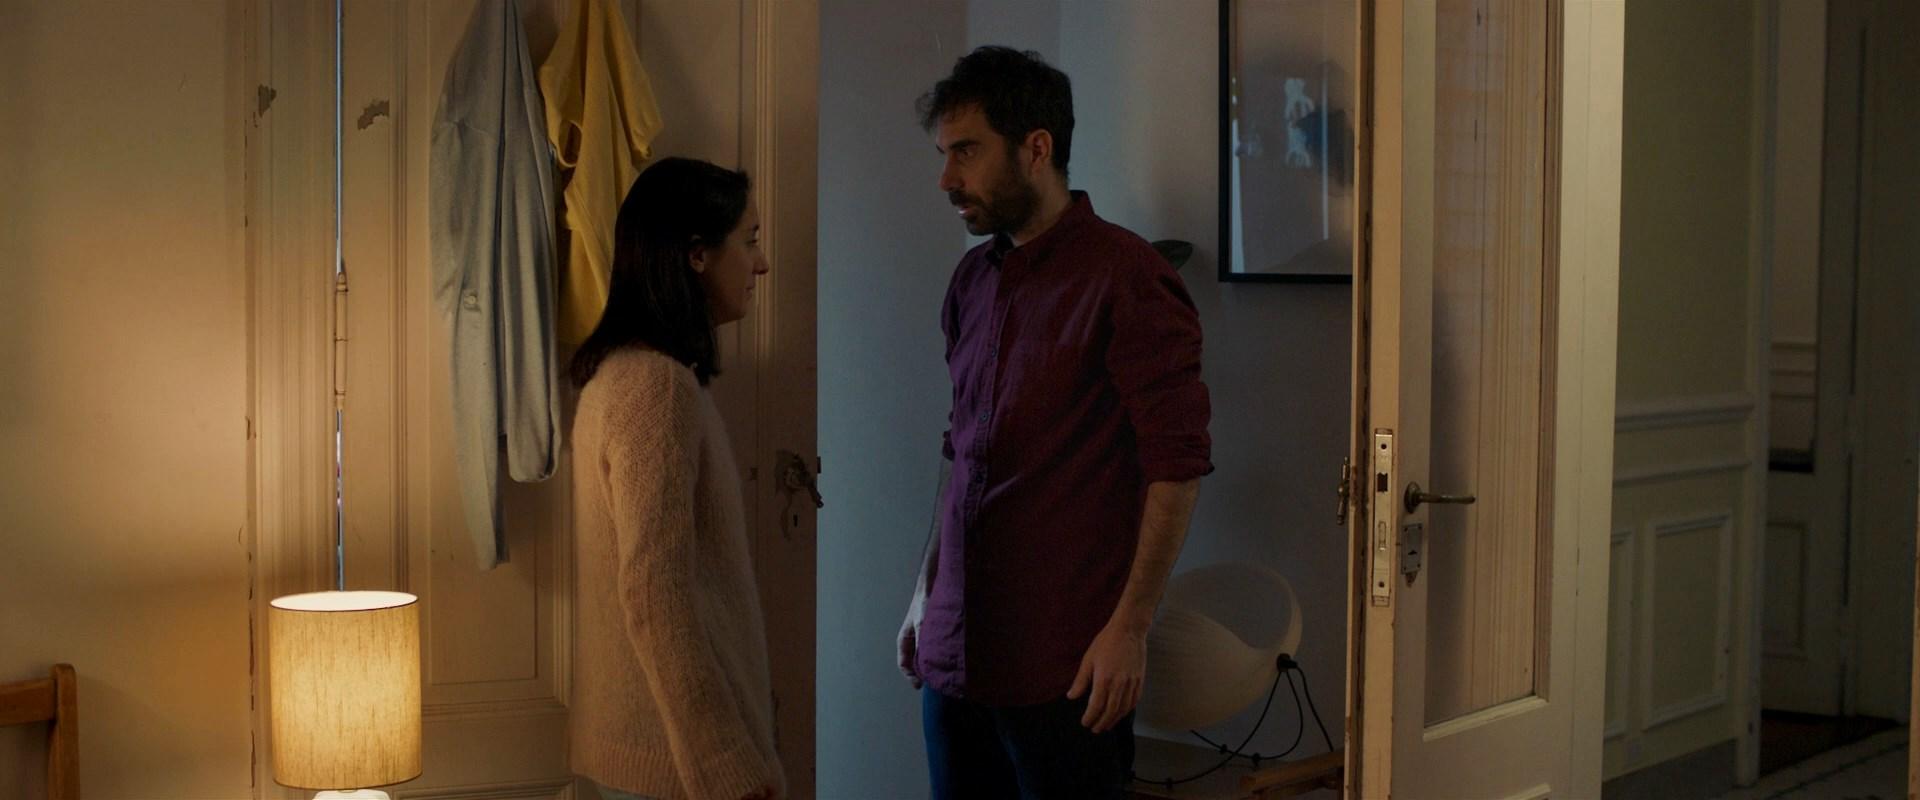 De la noche a la mañana (2019) 1080p WEB-DL Latino